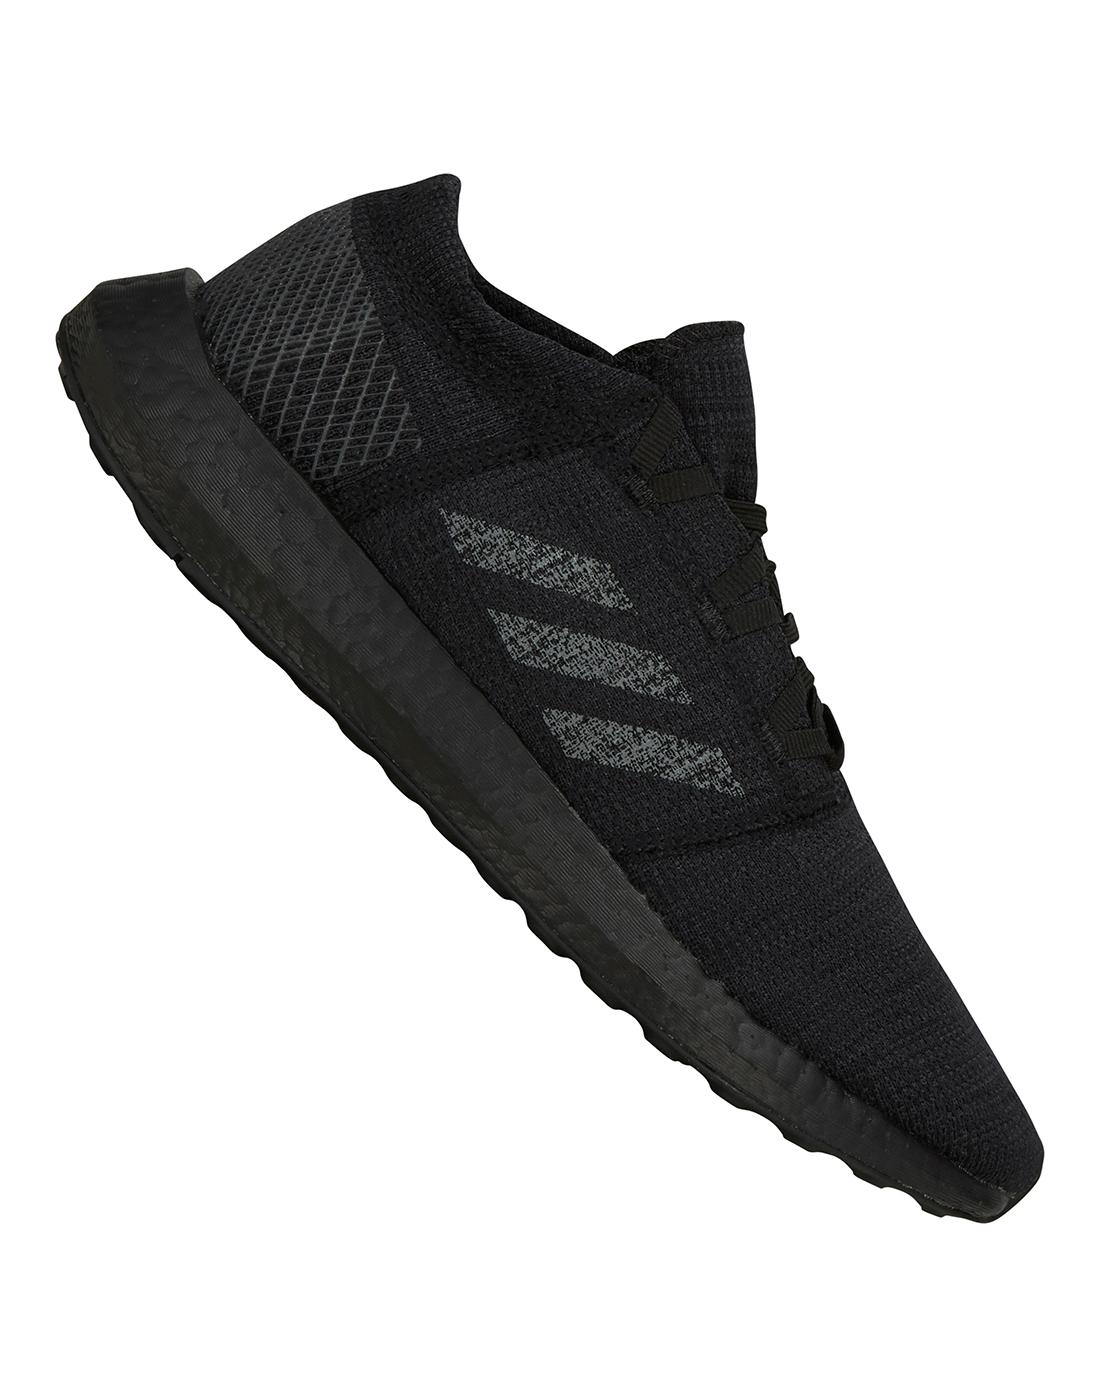 48842e3d7c996 Men s Black adidas Pureboost Go